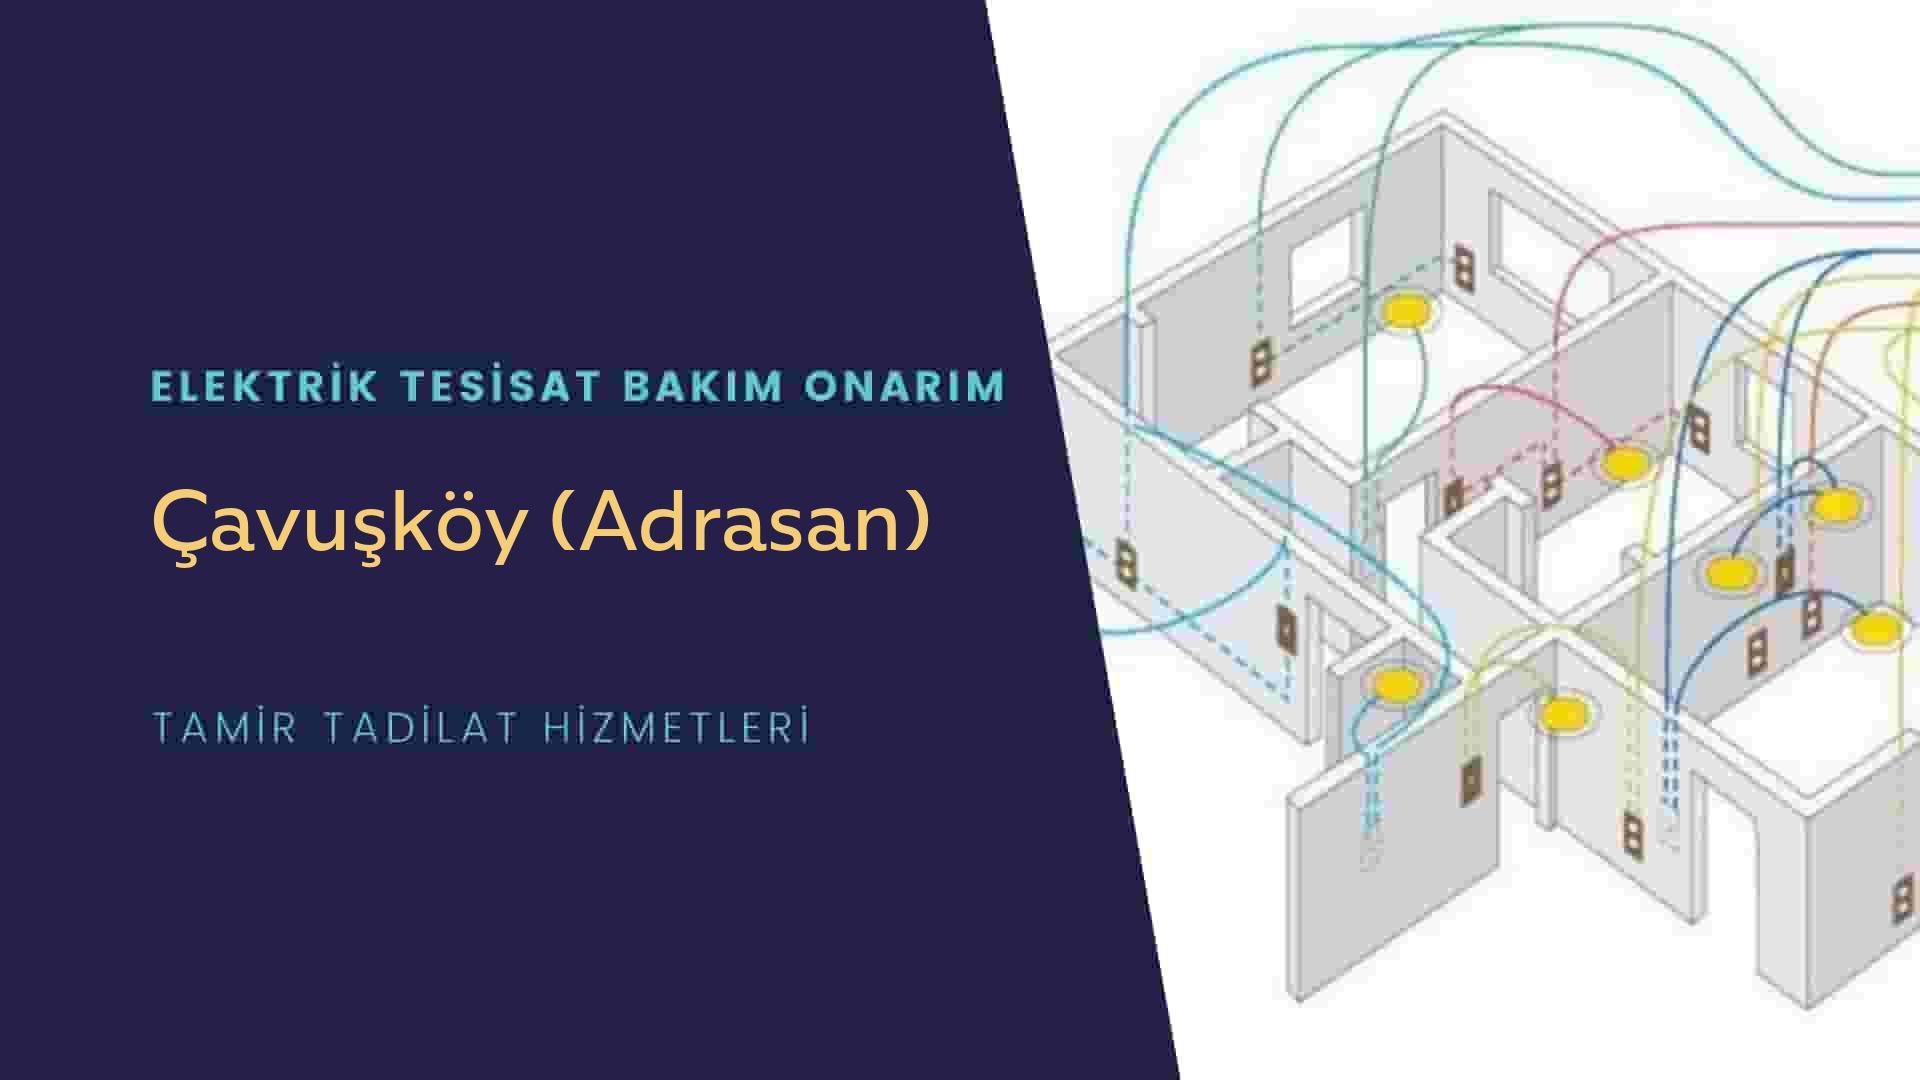 Çavuşköy (Adrasan)  elektrik tesisatıustalarımı arıyorsunuz doğru adrestenizi Çavuşköy (Adrasan) elektrik tesisatı ustalarımız 7/24 sizlere hizmet vermekten mutluluk duyar.